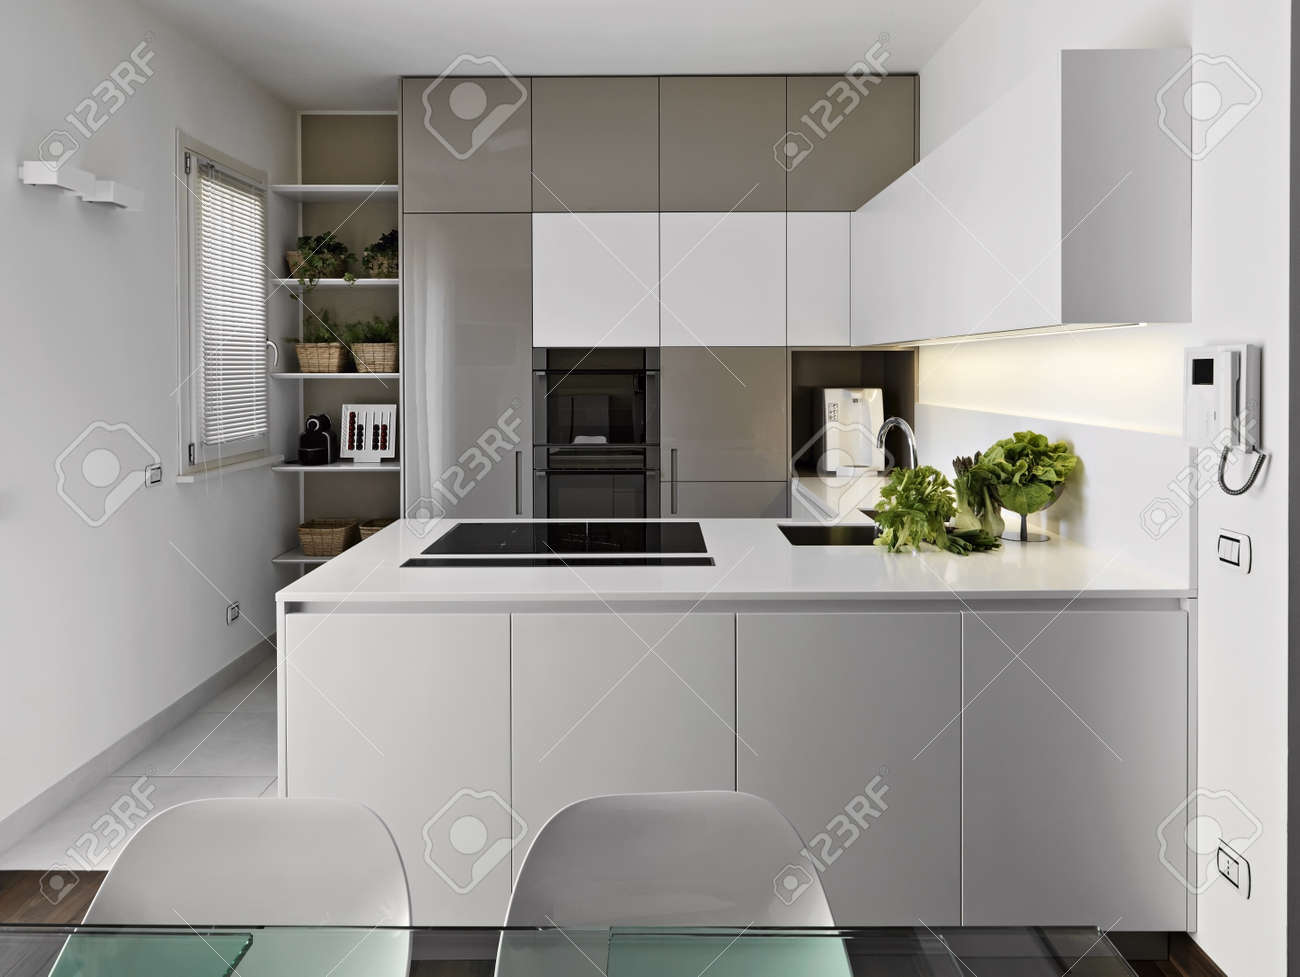 Moderne Küche Mit Gemüse Auf Dem Weißen Arbeitsplatte Lizenzfreie ...